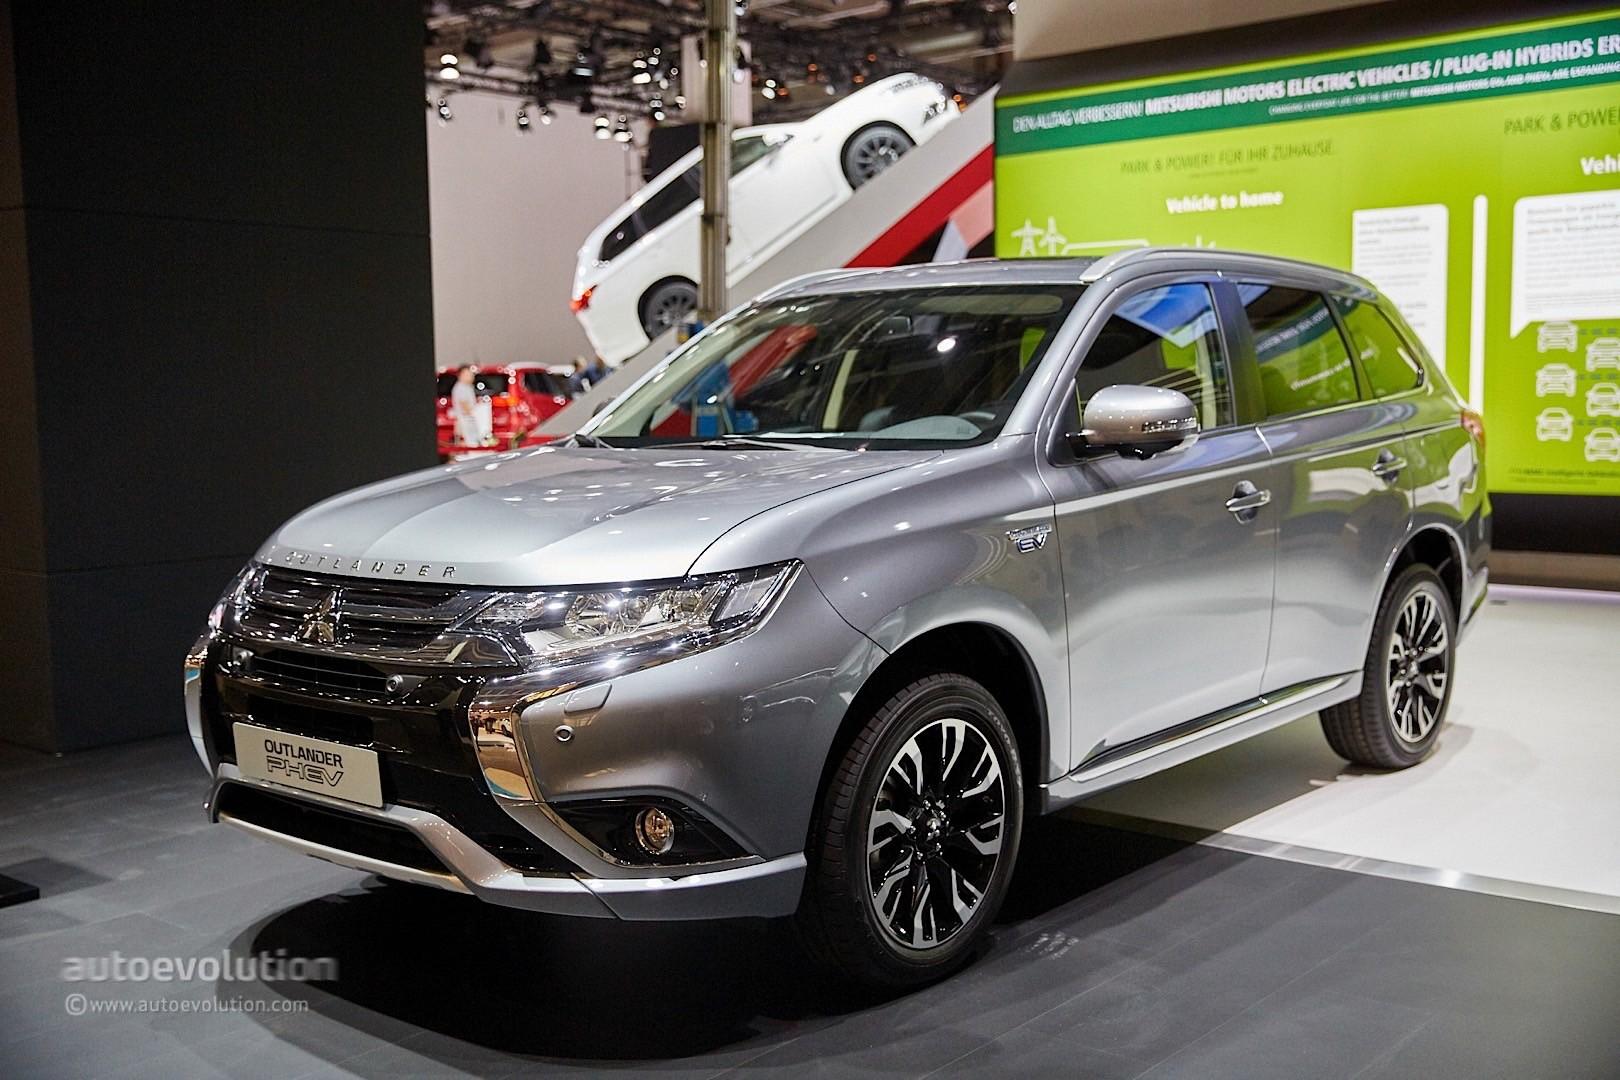 Mitsubishi Outlander PHEV Facelift Revealed At Frankfurt